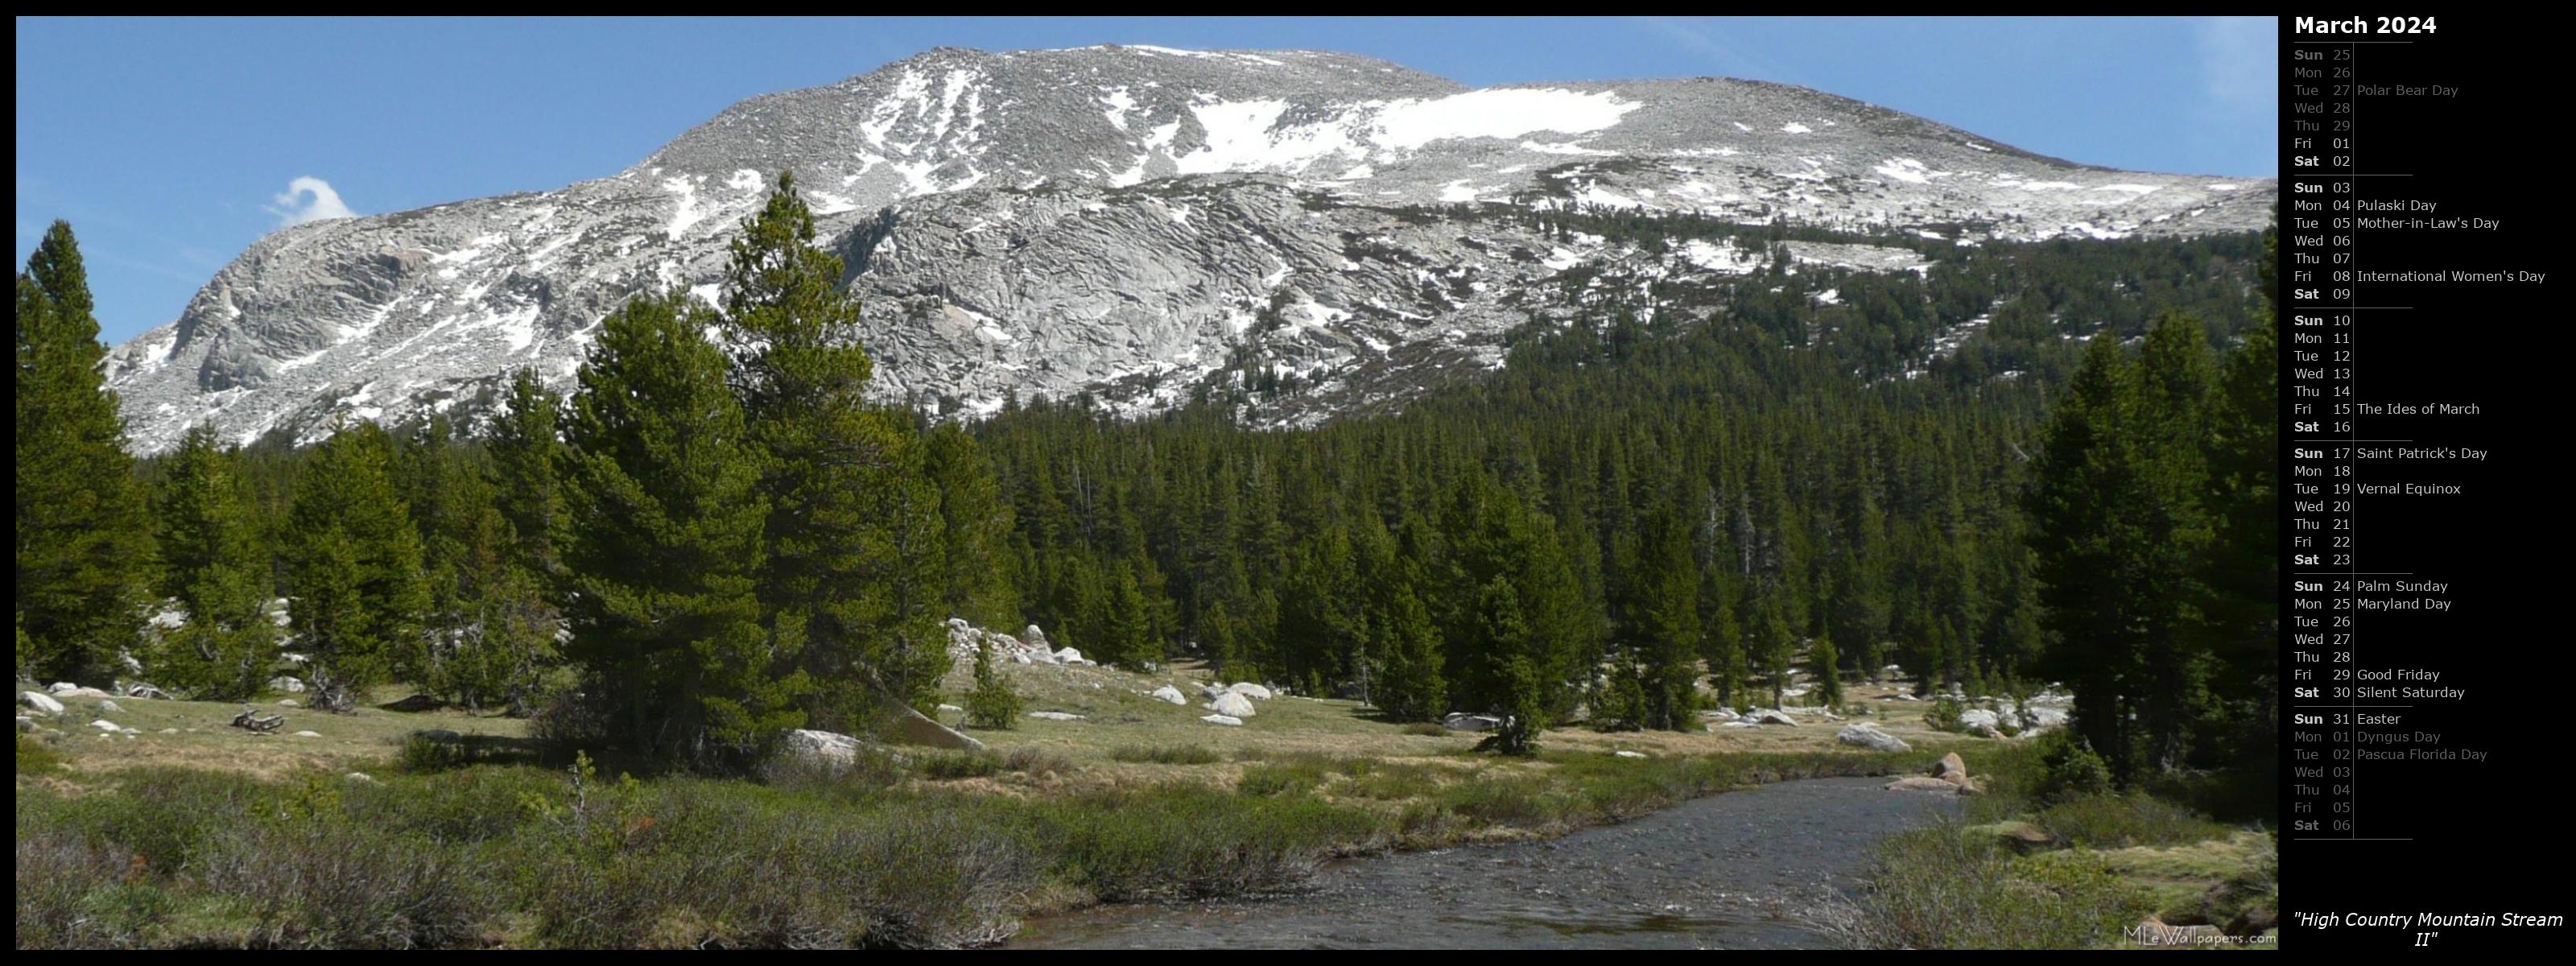 Mlewallpapers Com High Country Mountain Stream Ii Calendar Images, Photos, Reviews